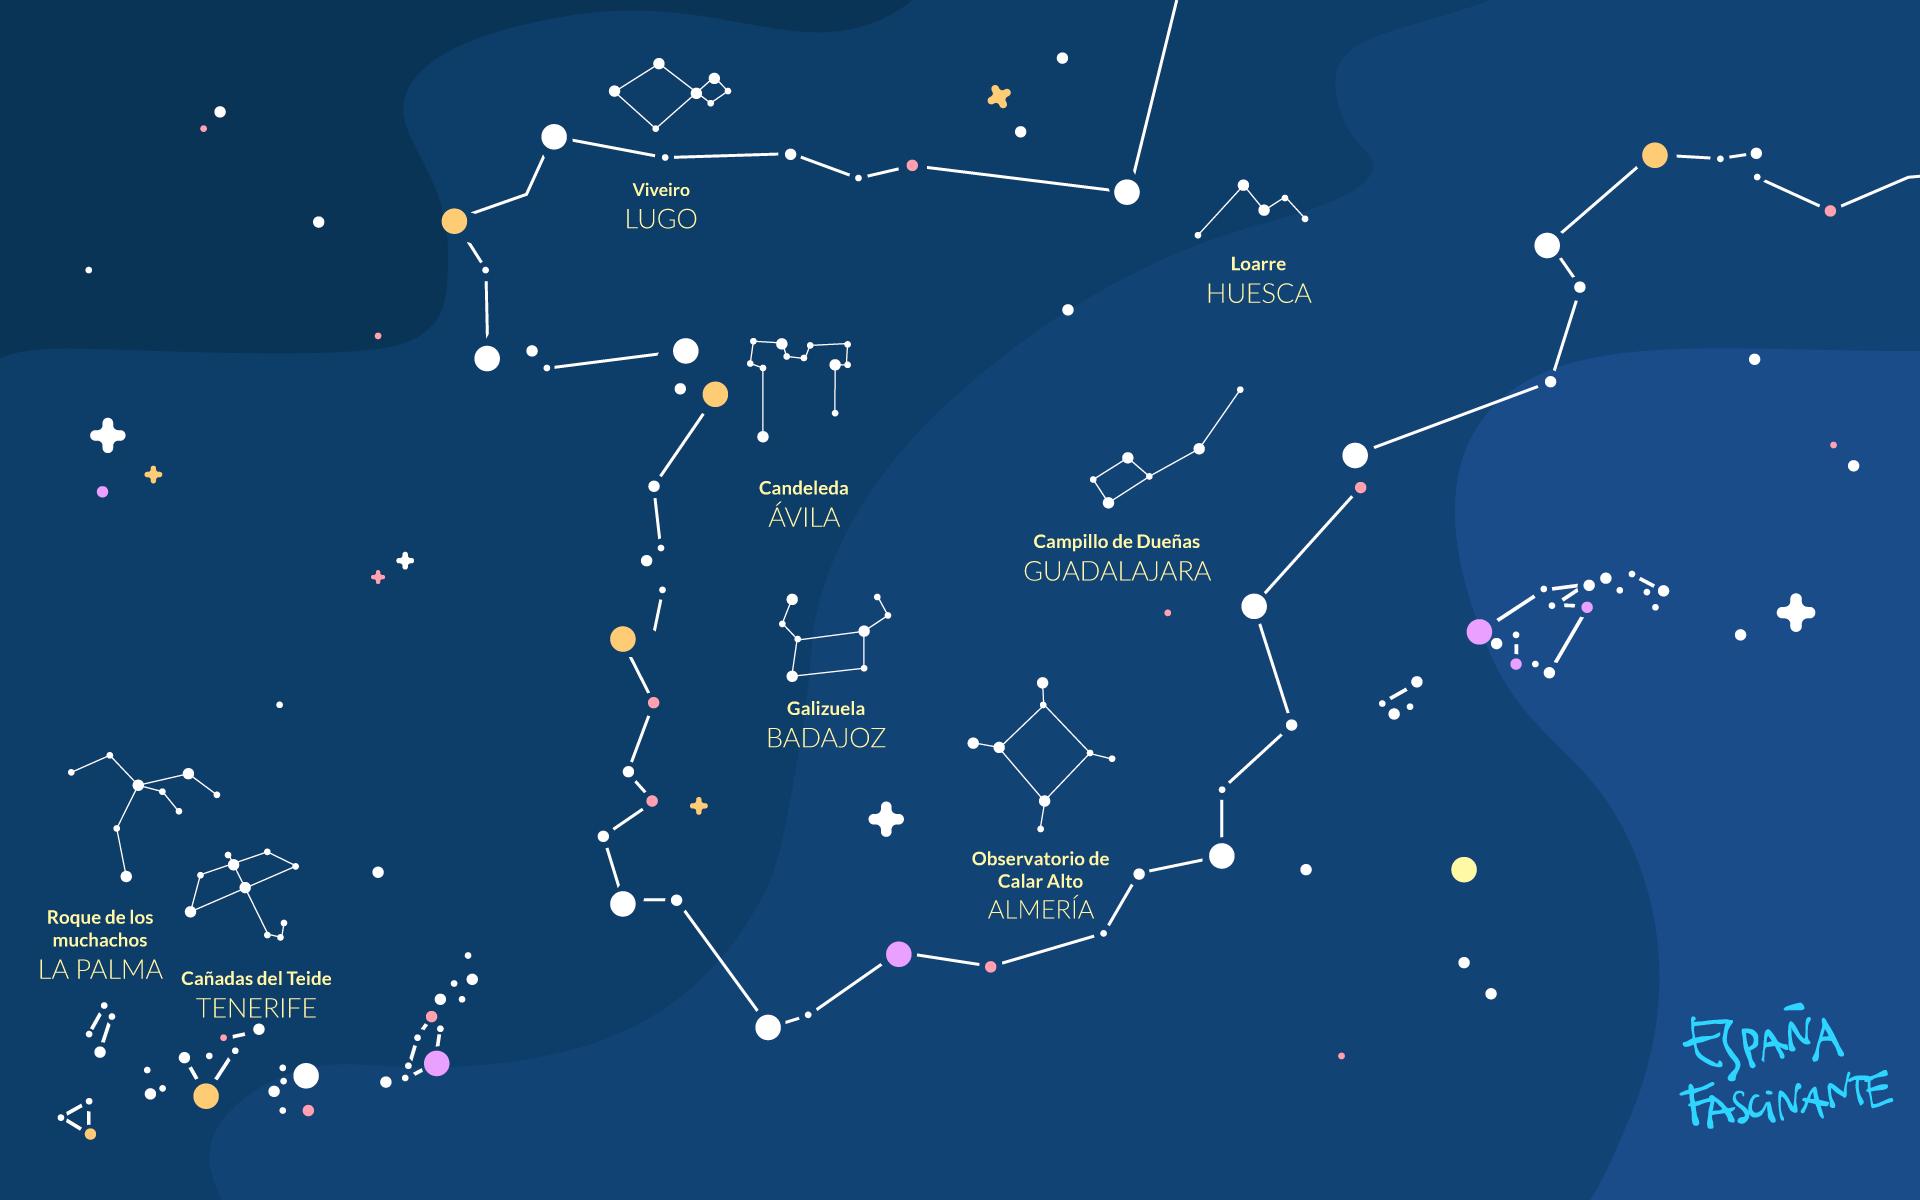 Mapa estelar de España Fascinante